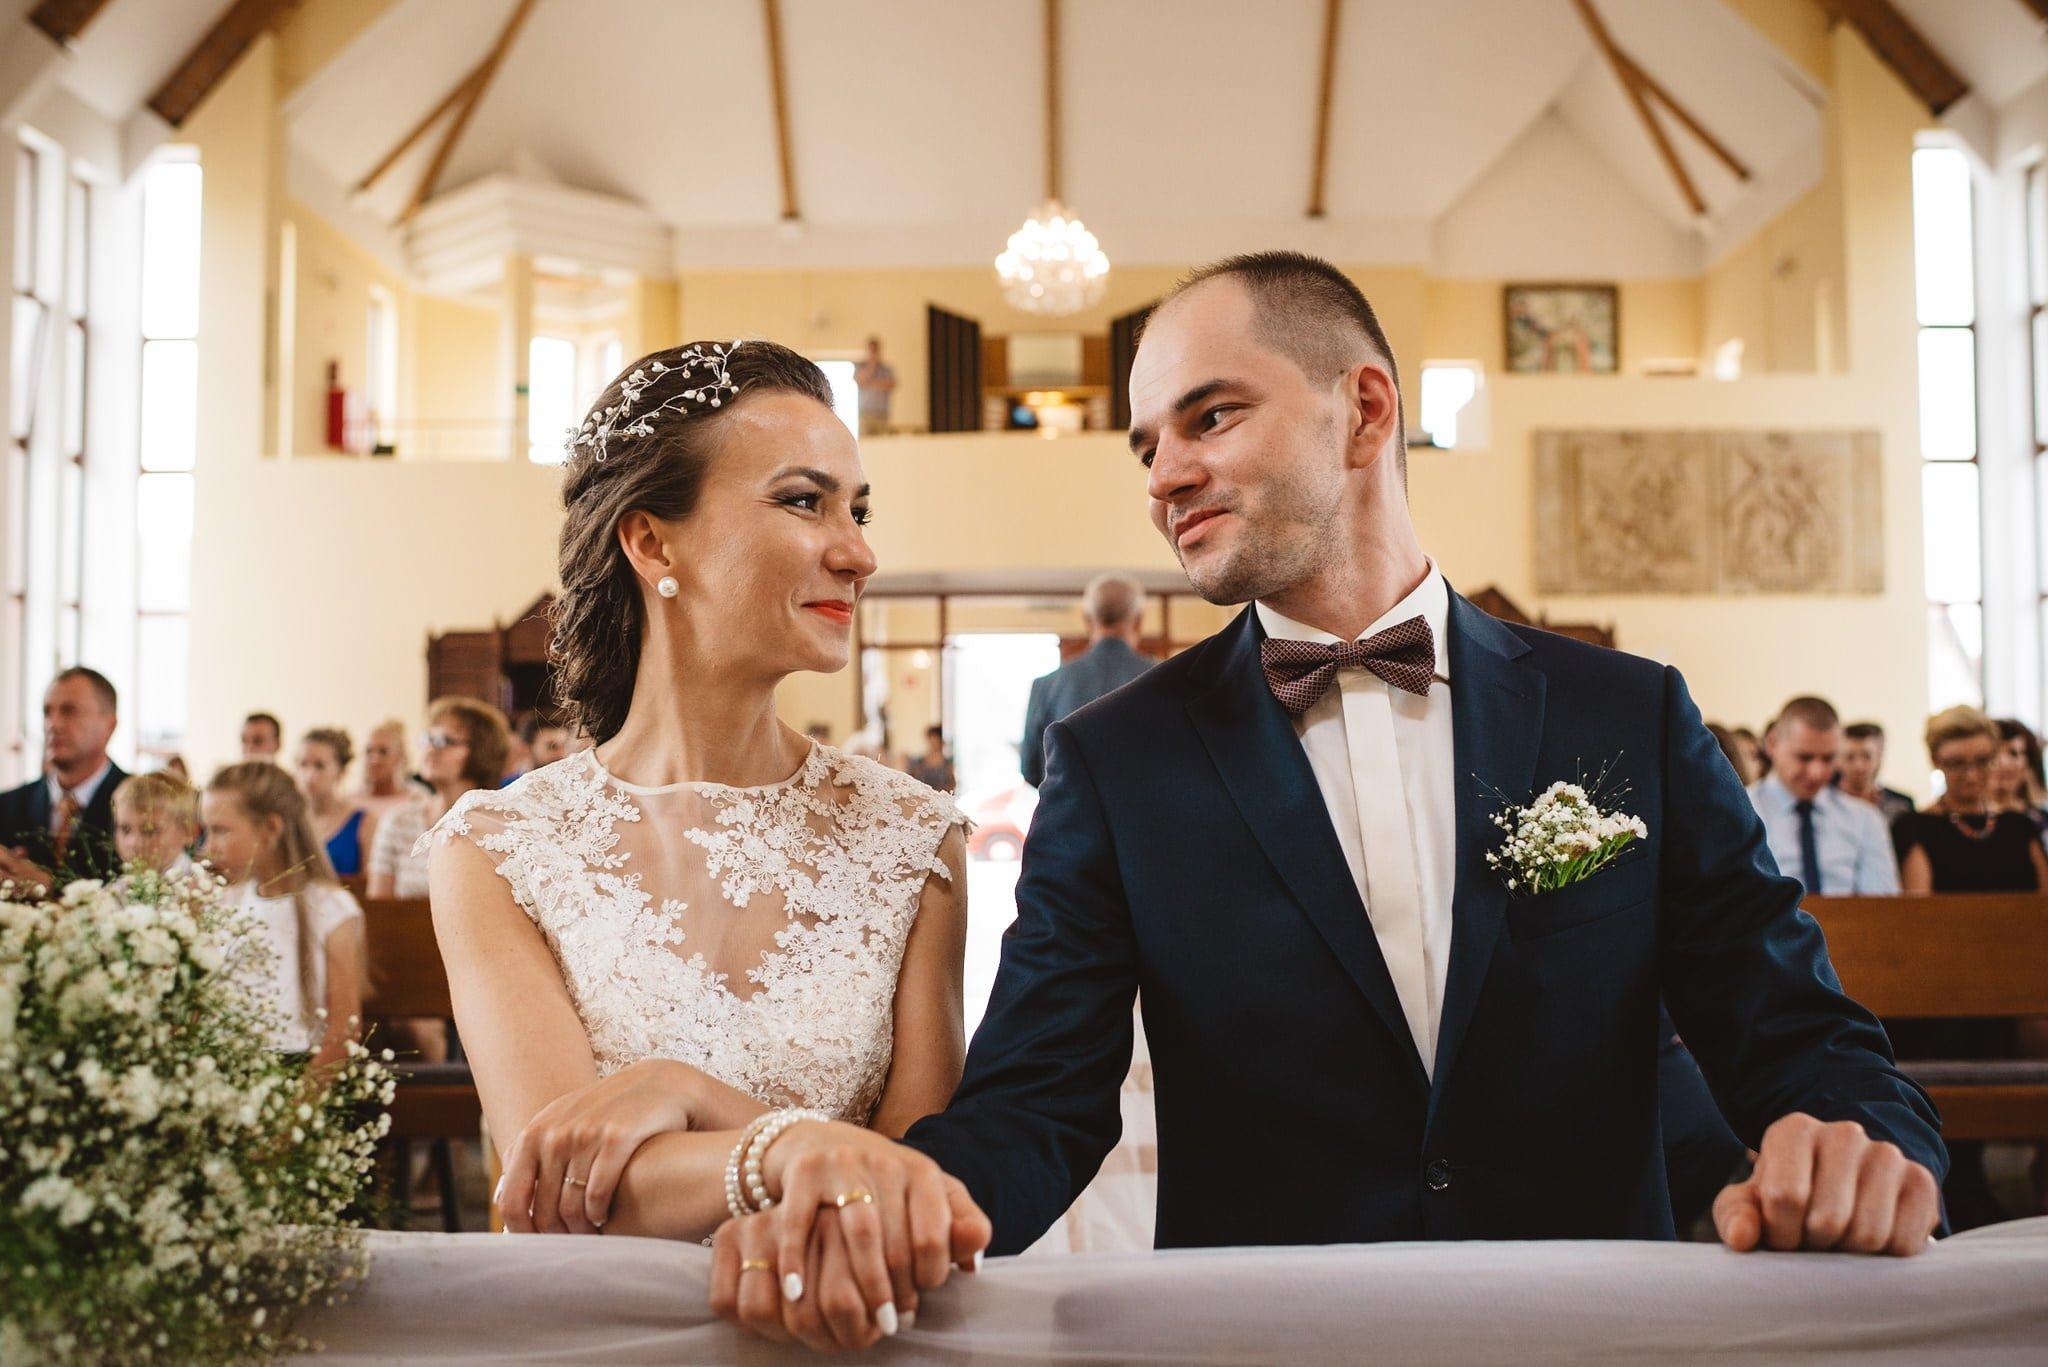 Ala i Arek, czyli jak zorganizować ślub i wesele w 4 tygodnie! 115